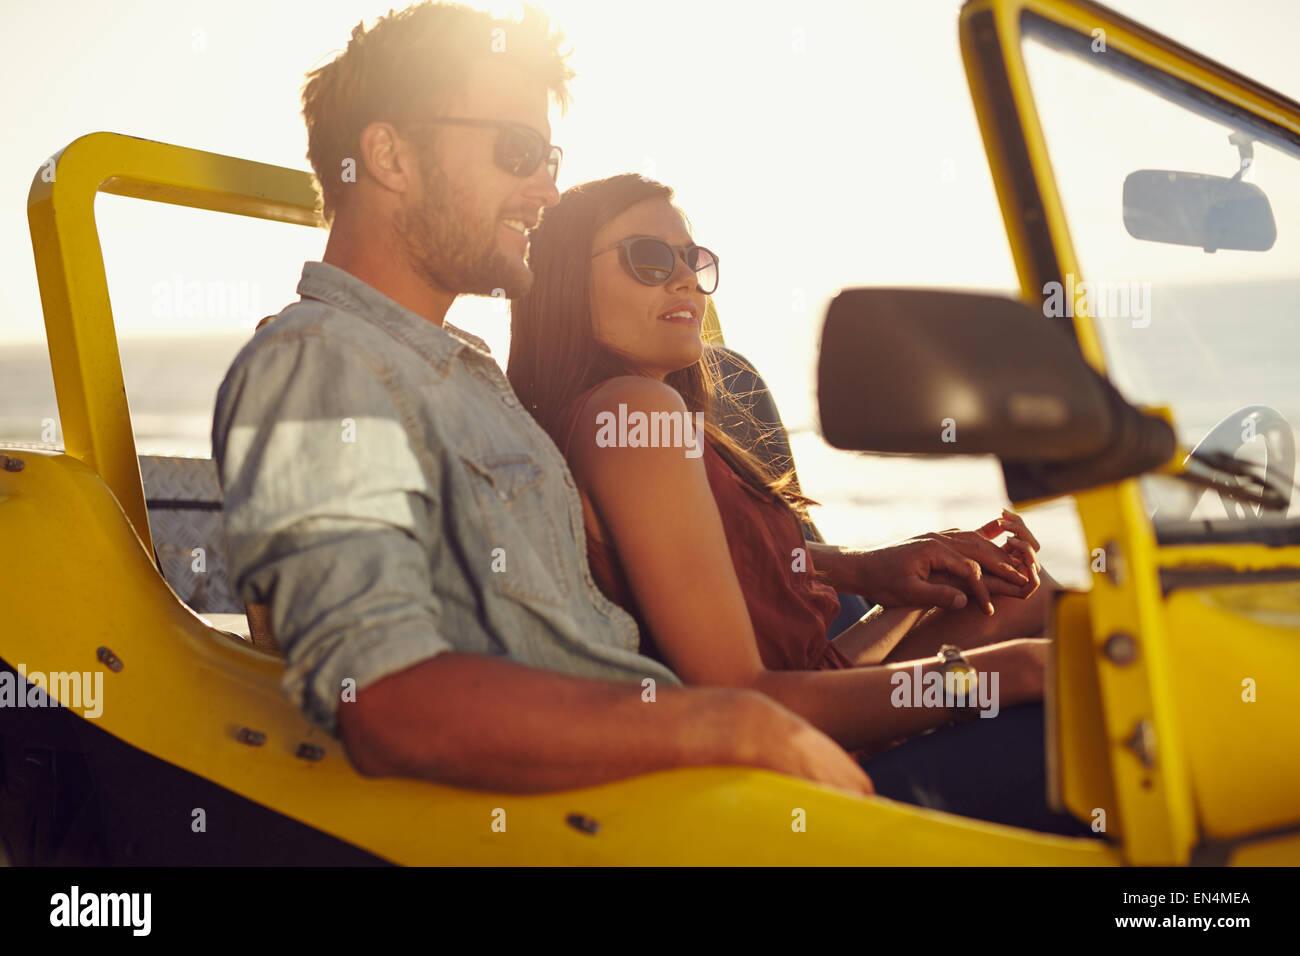 Porträt von schöne junge Paar zusammen in einem Auto sitzen. Romantische Pärchen genießen die Stockbild